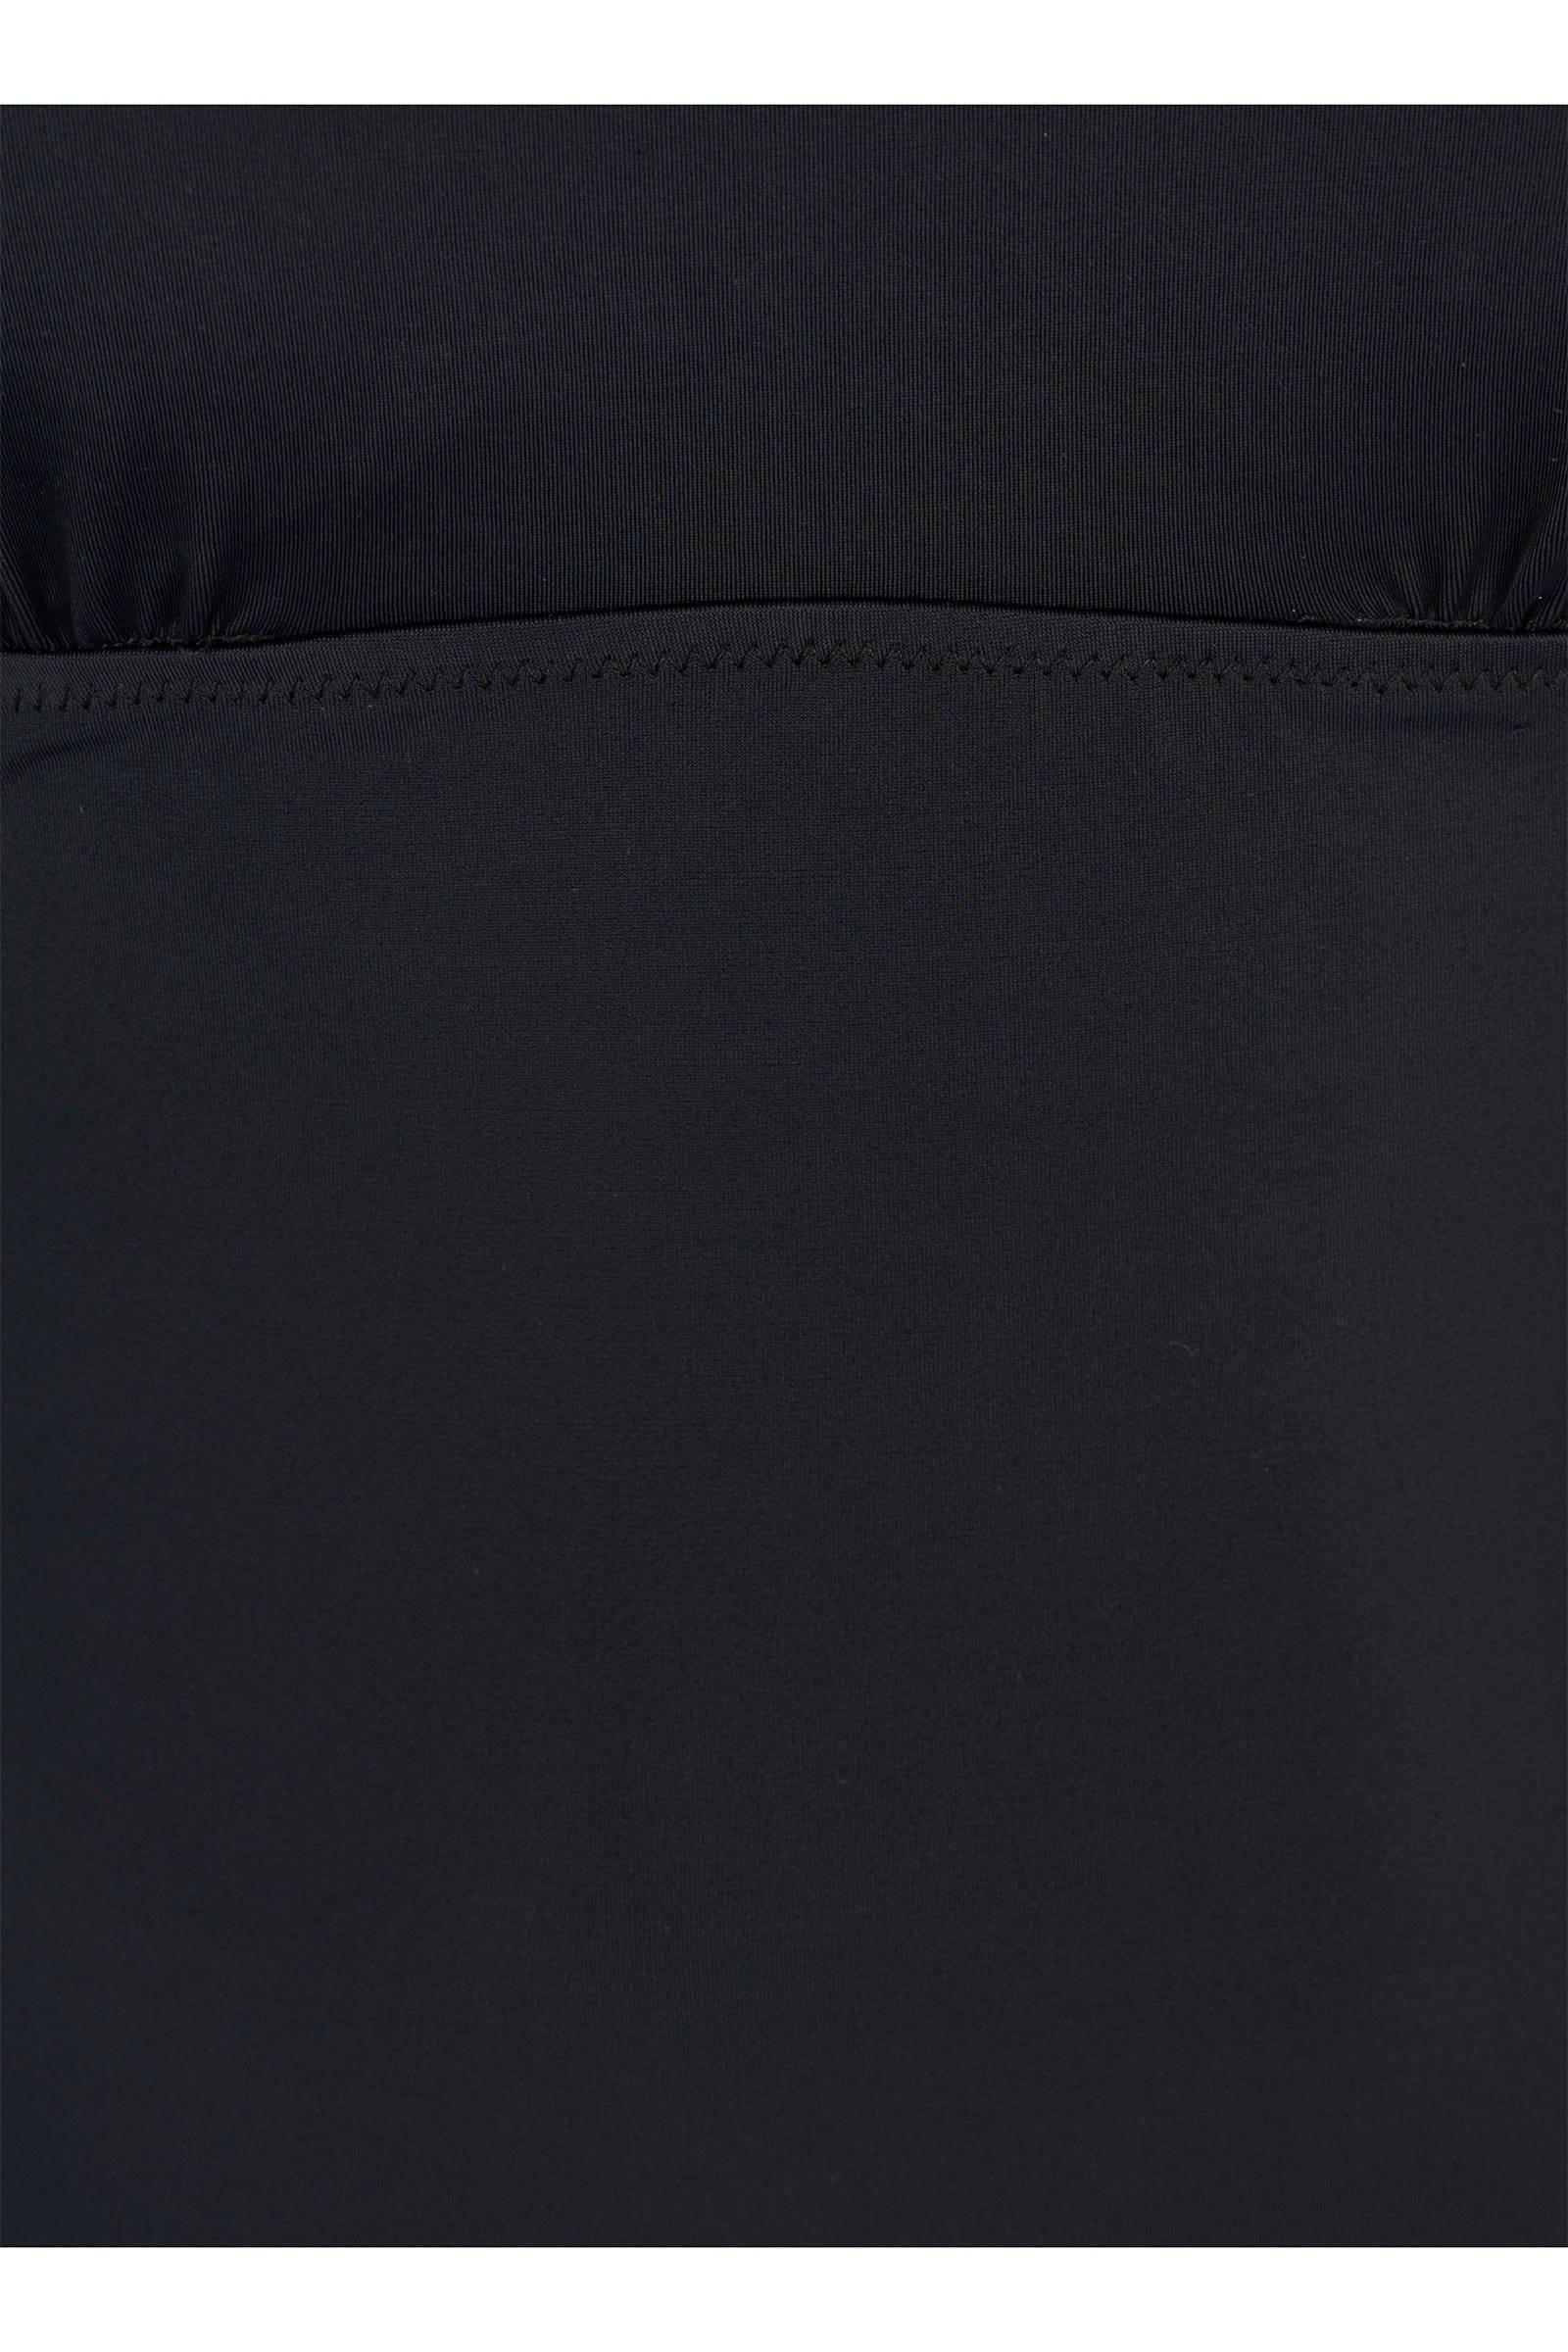 bandjes Zizzi met verstelbare zwart badpak f6qaTnv